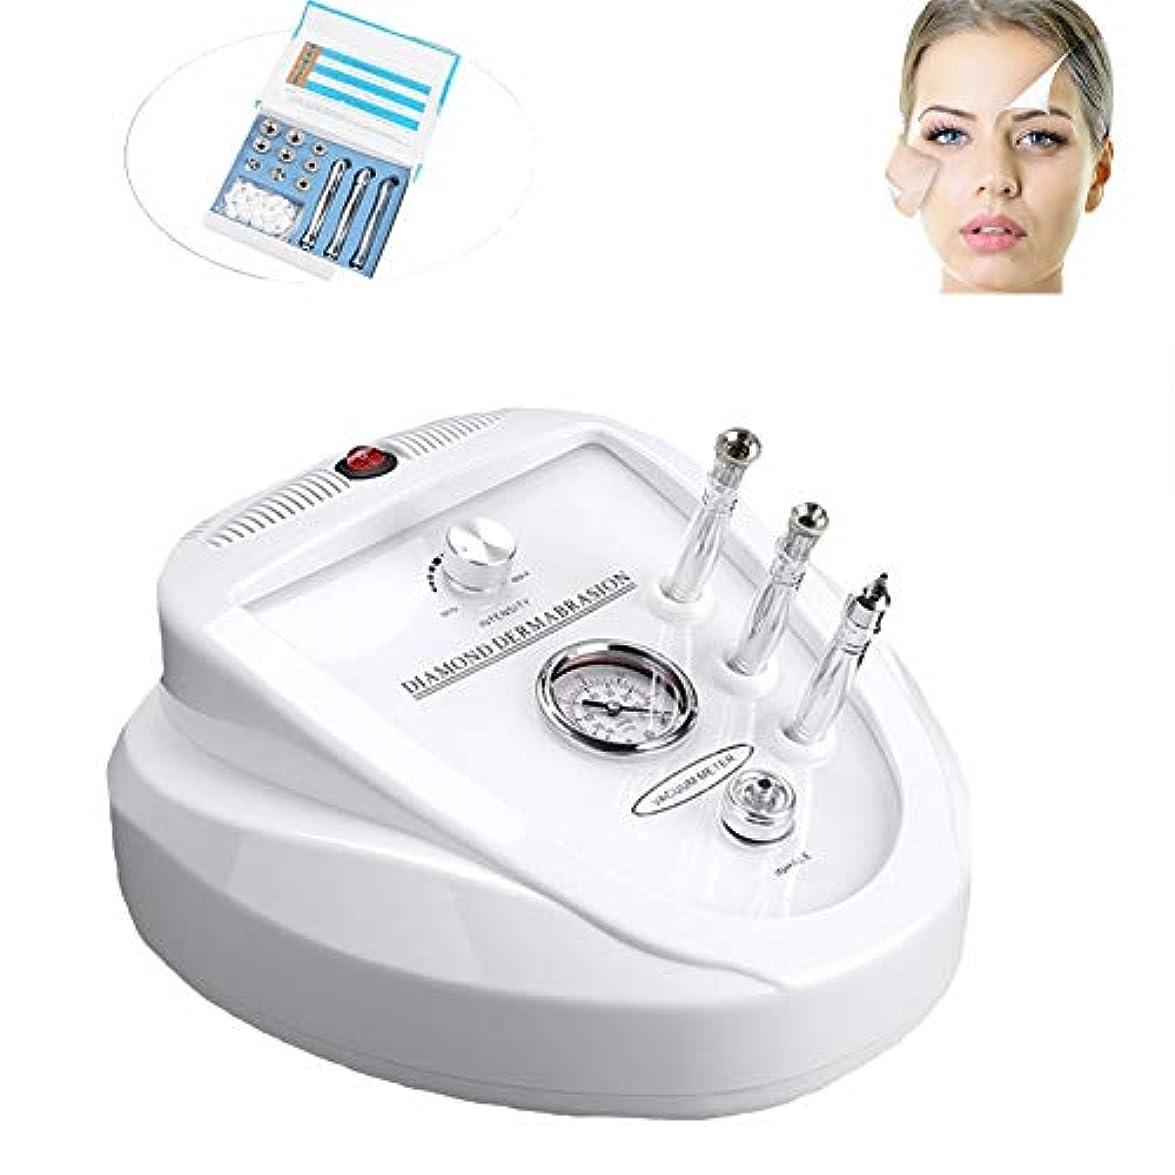 モデレータ眉休眠3-1 - ダイヤモンド皮膚剥離マイクロダーマブレーションマシン剥離皮膚更新機器